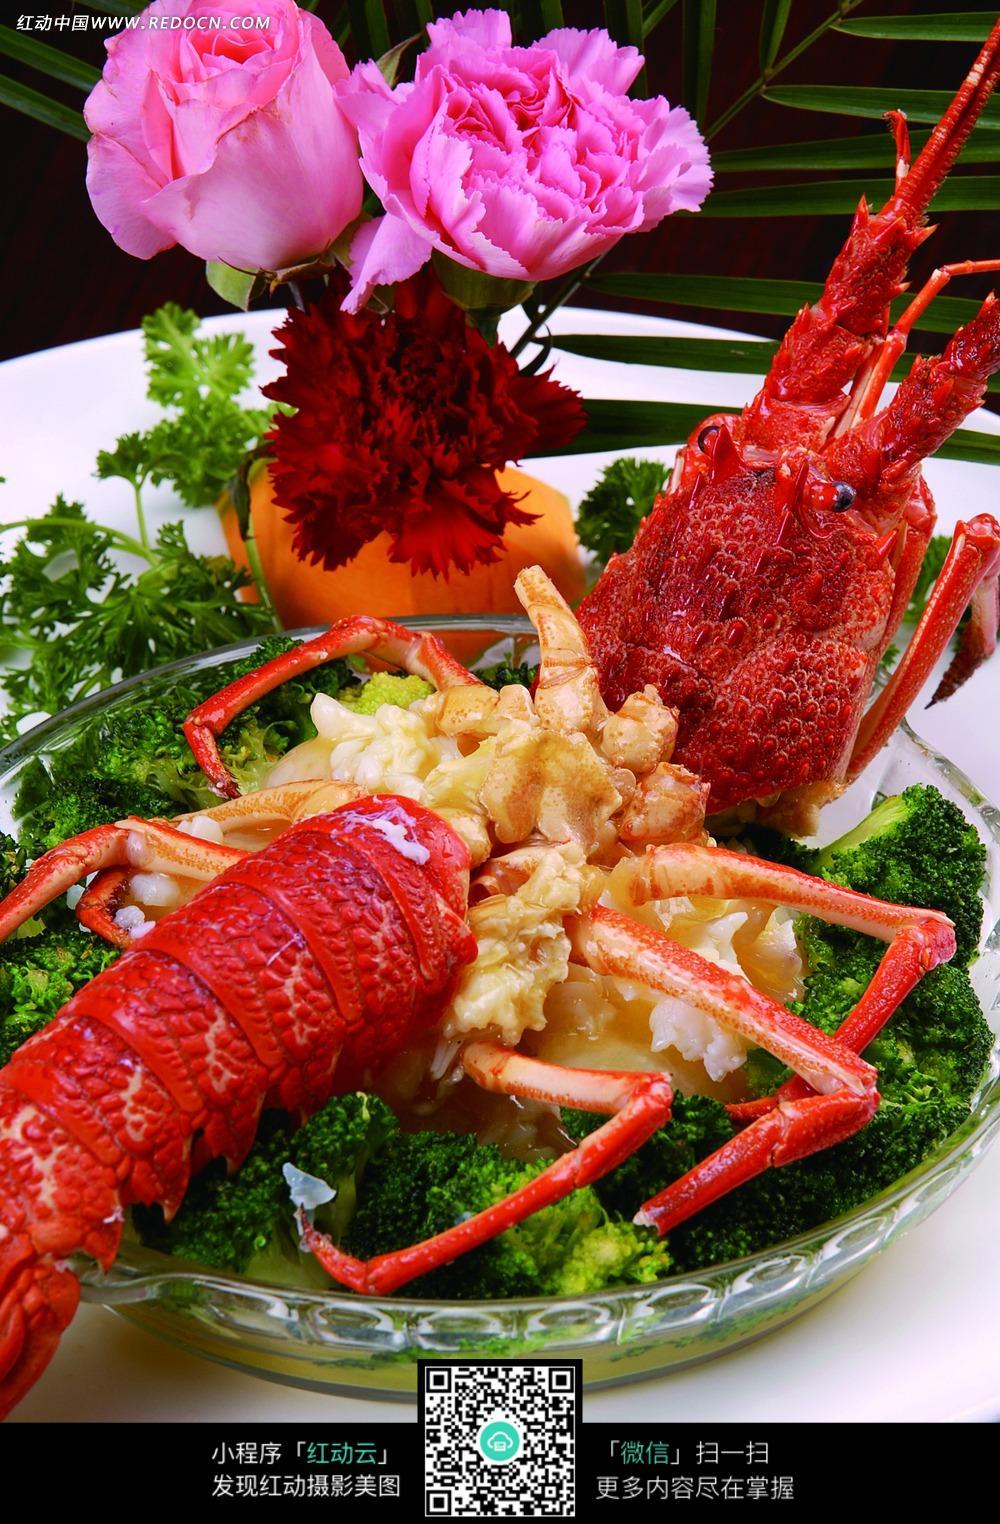 龙虾刺身拼盘 中华美食图片 红动手机版